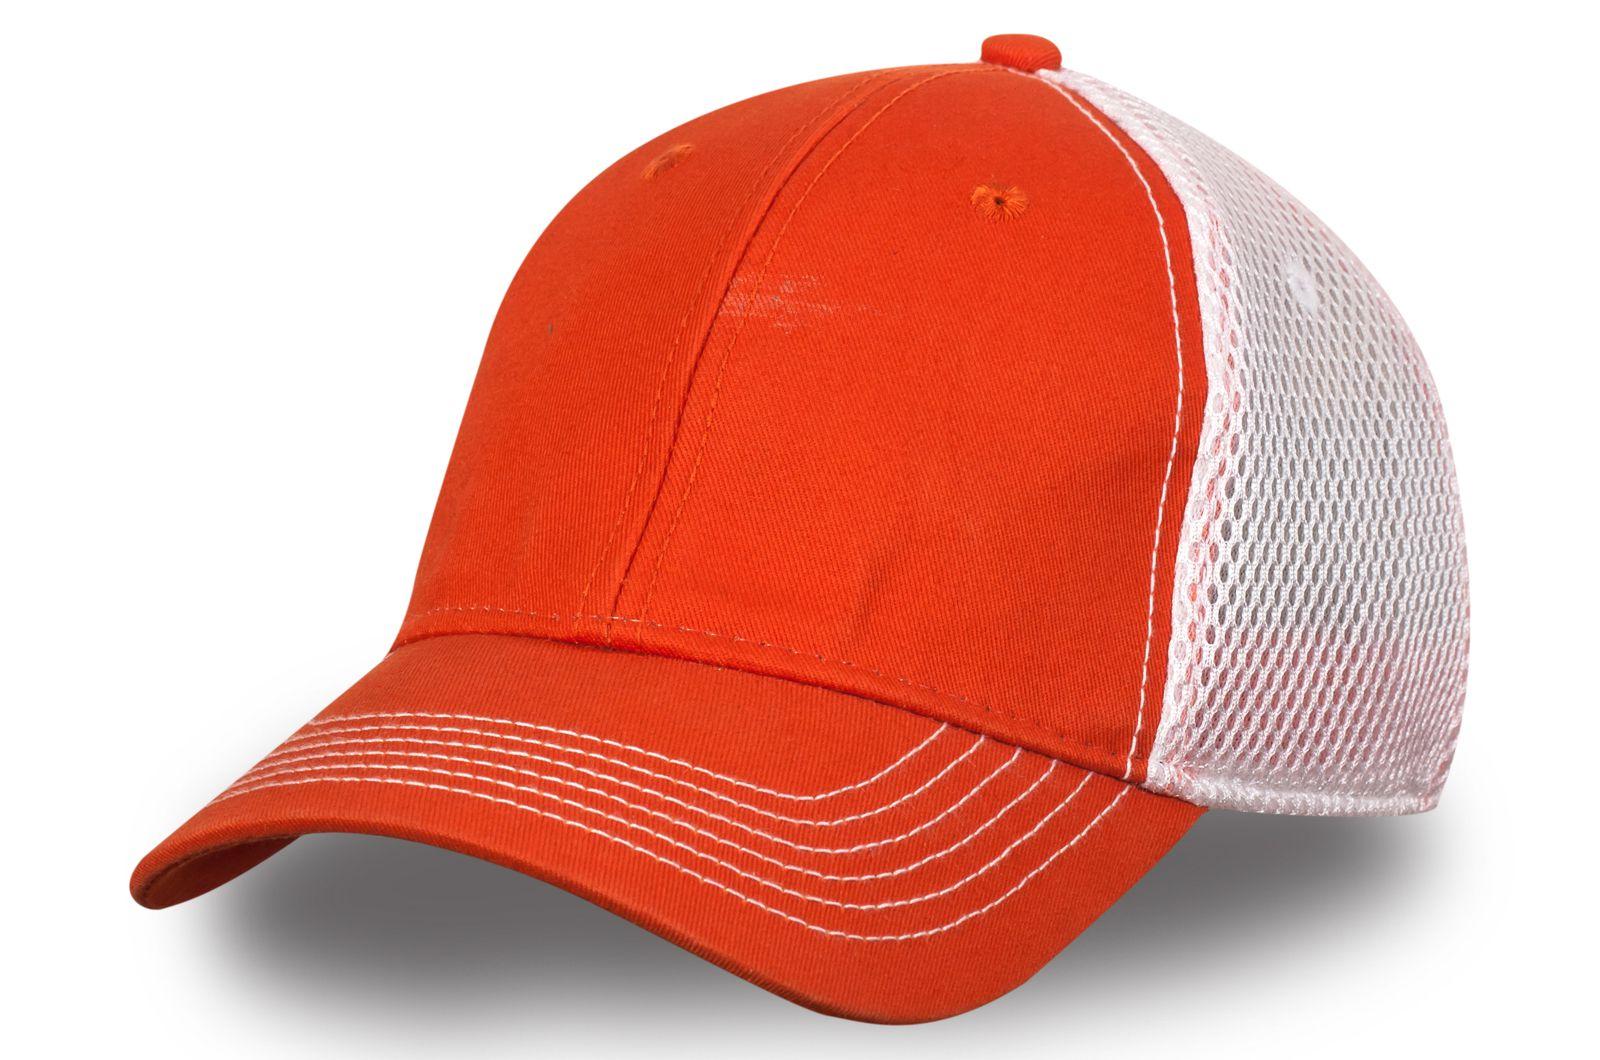 Сетчатая бейсболка оранжево-белая - купить недорого